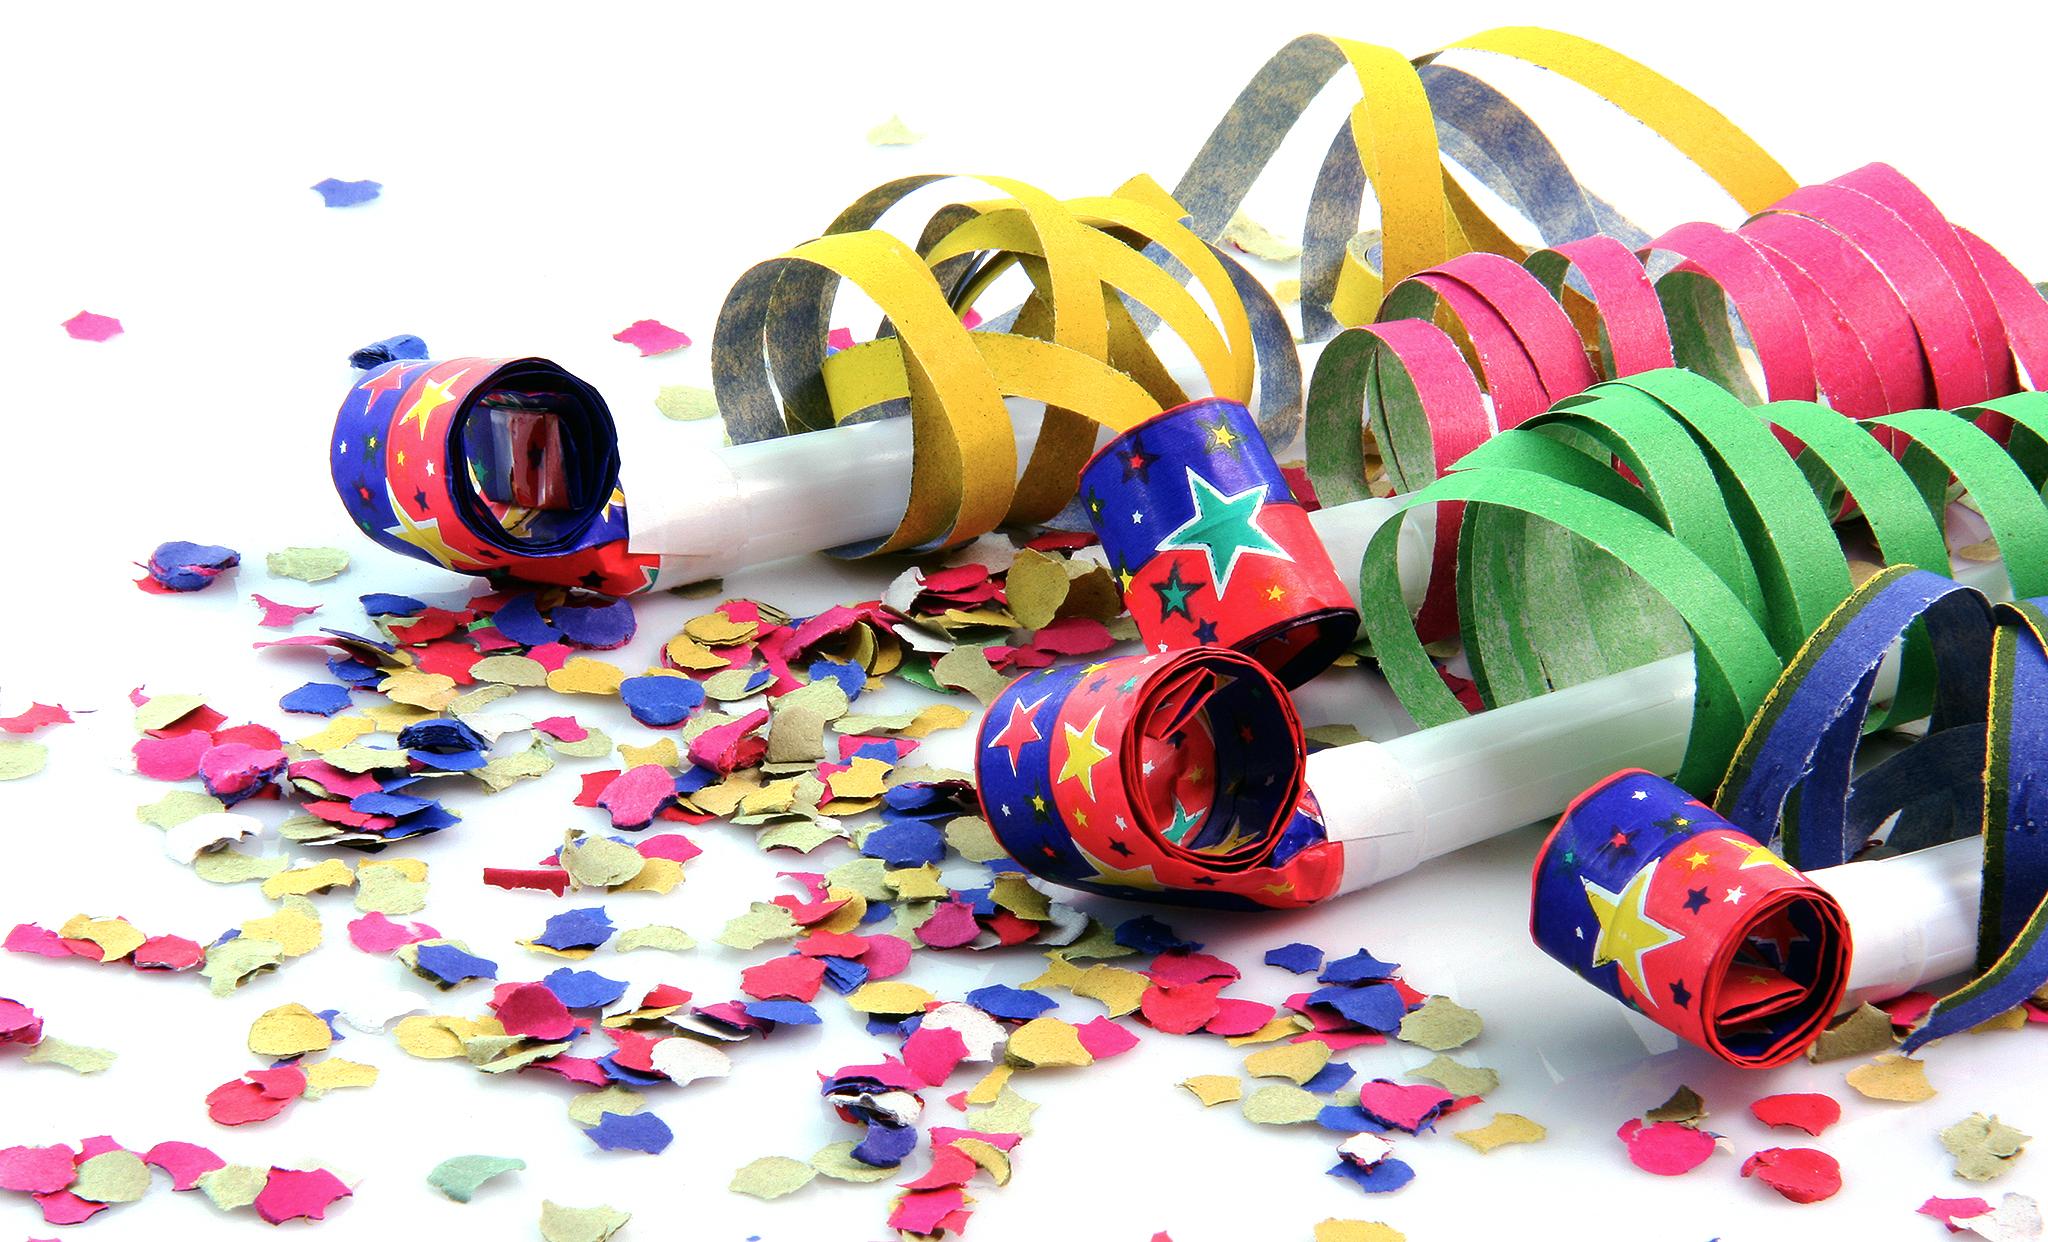 Espresso napoletano per carnevale tutti al museo - Immagine del mouse a colori ...